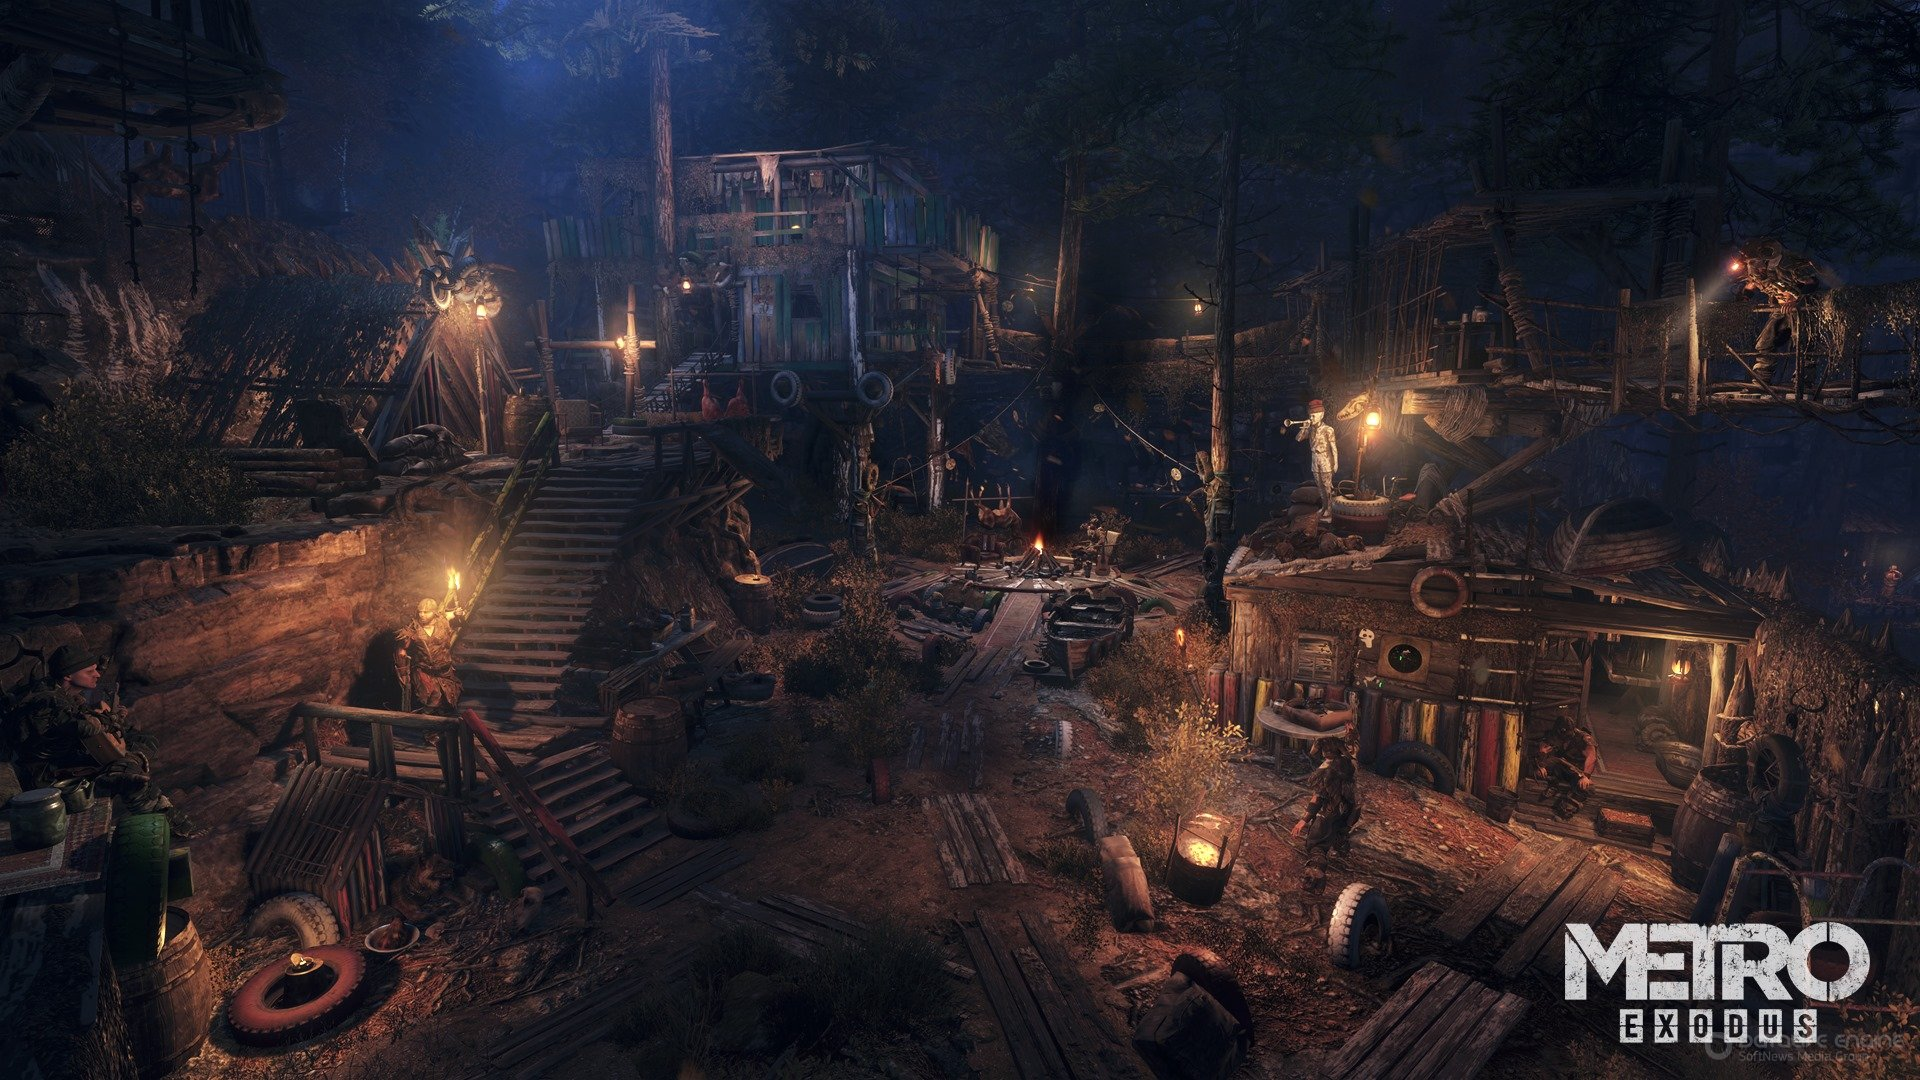 Скриншот к игре Metro: Exodus - Gold Edition v.1.0.0.7+2 DLC [CODEX] (2019) скачать торрент Лицензия